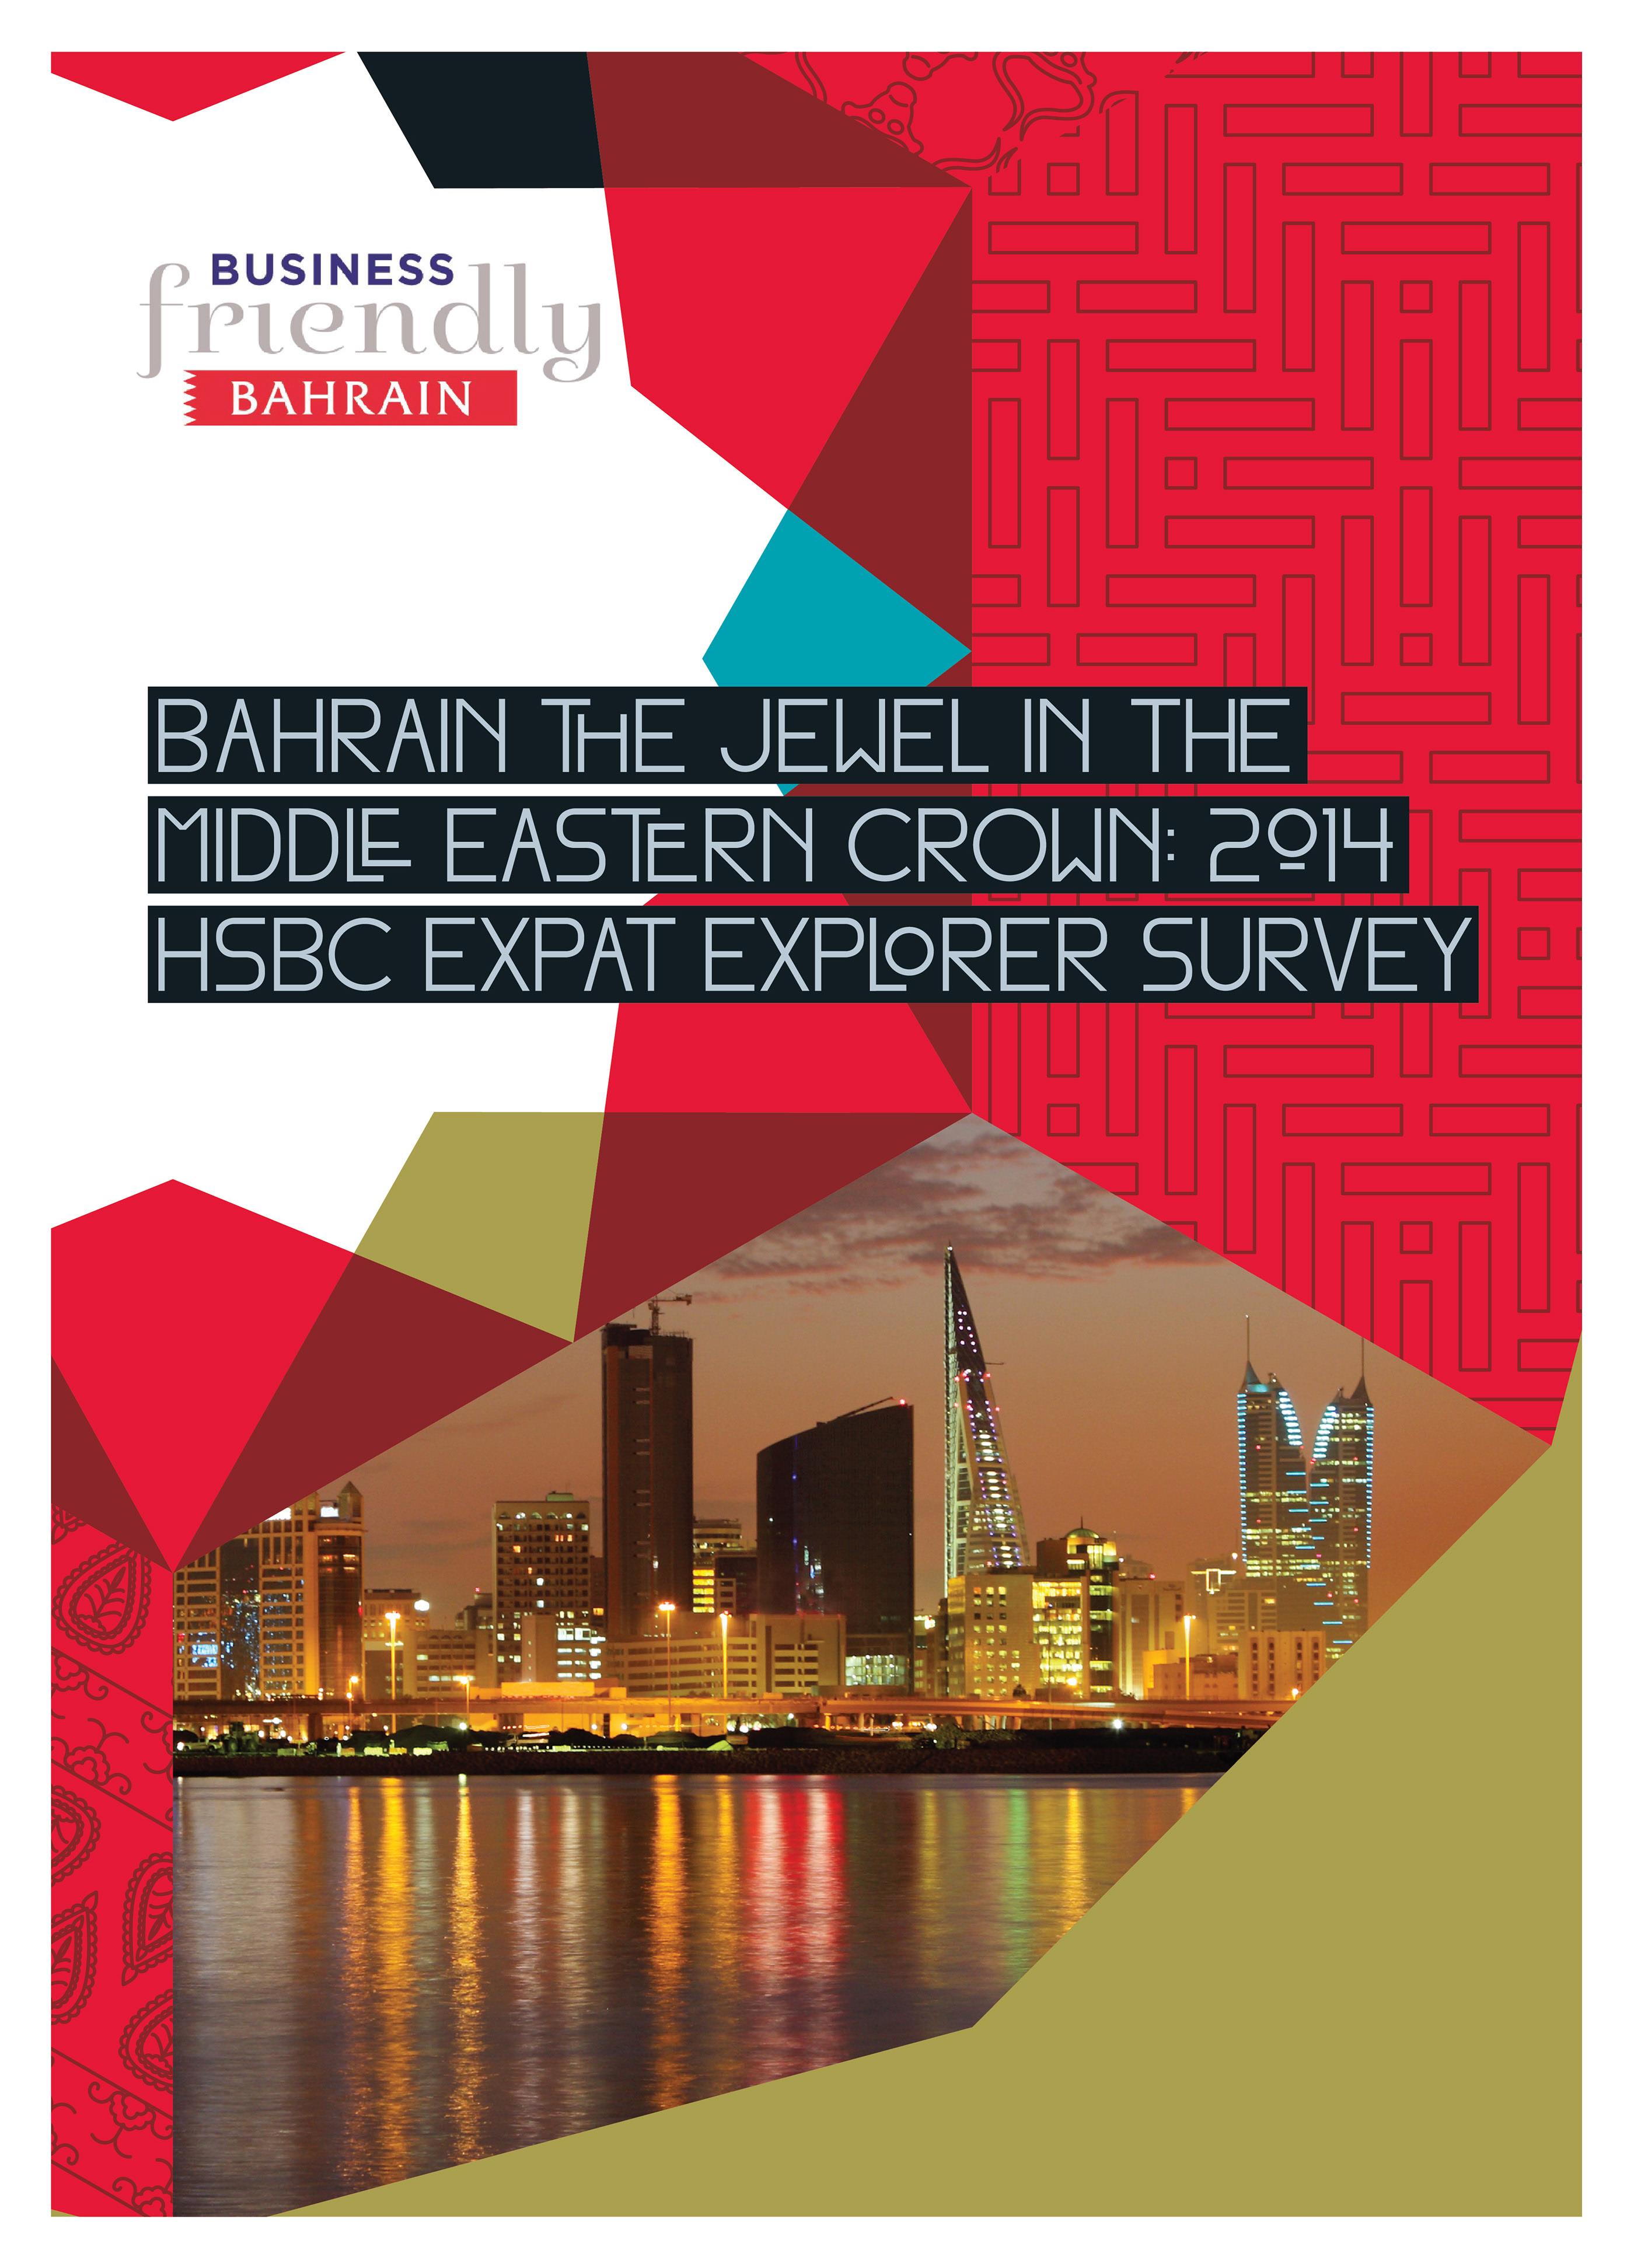 Business Friendly Bahrain branding on Behance